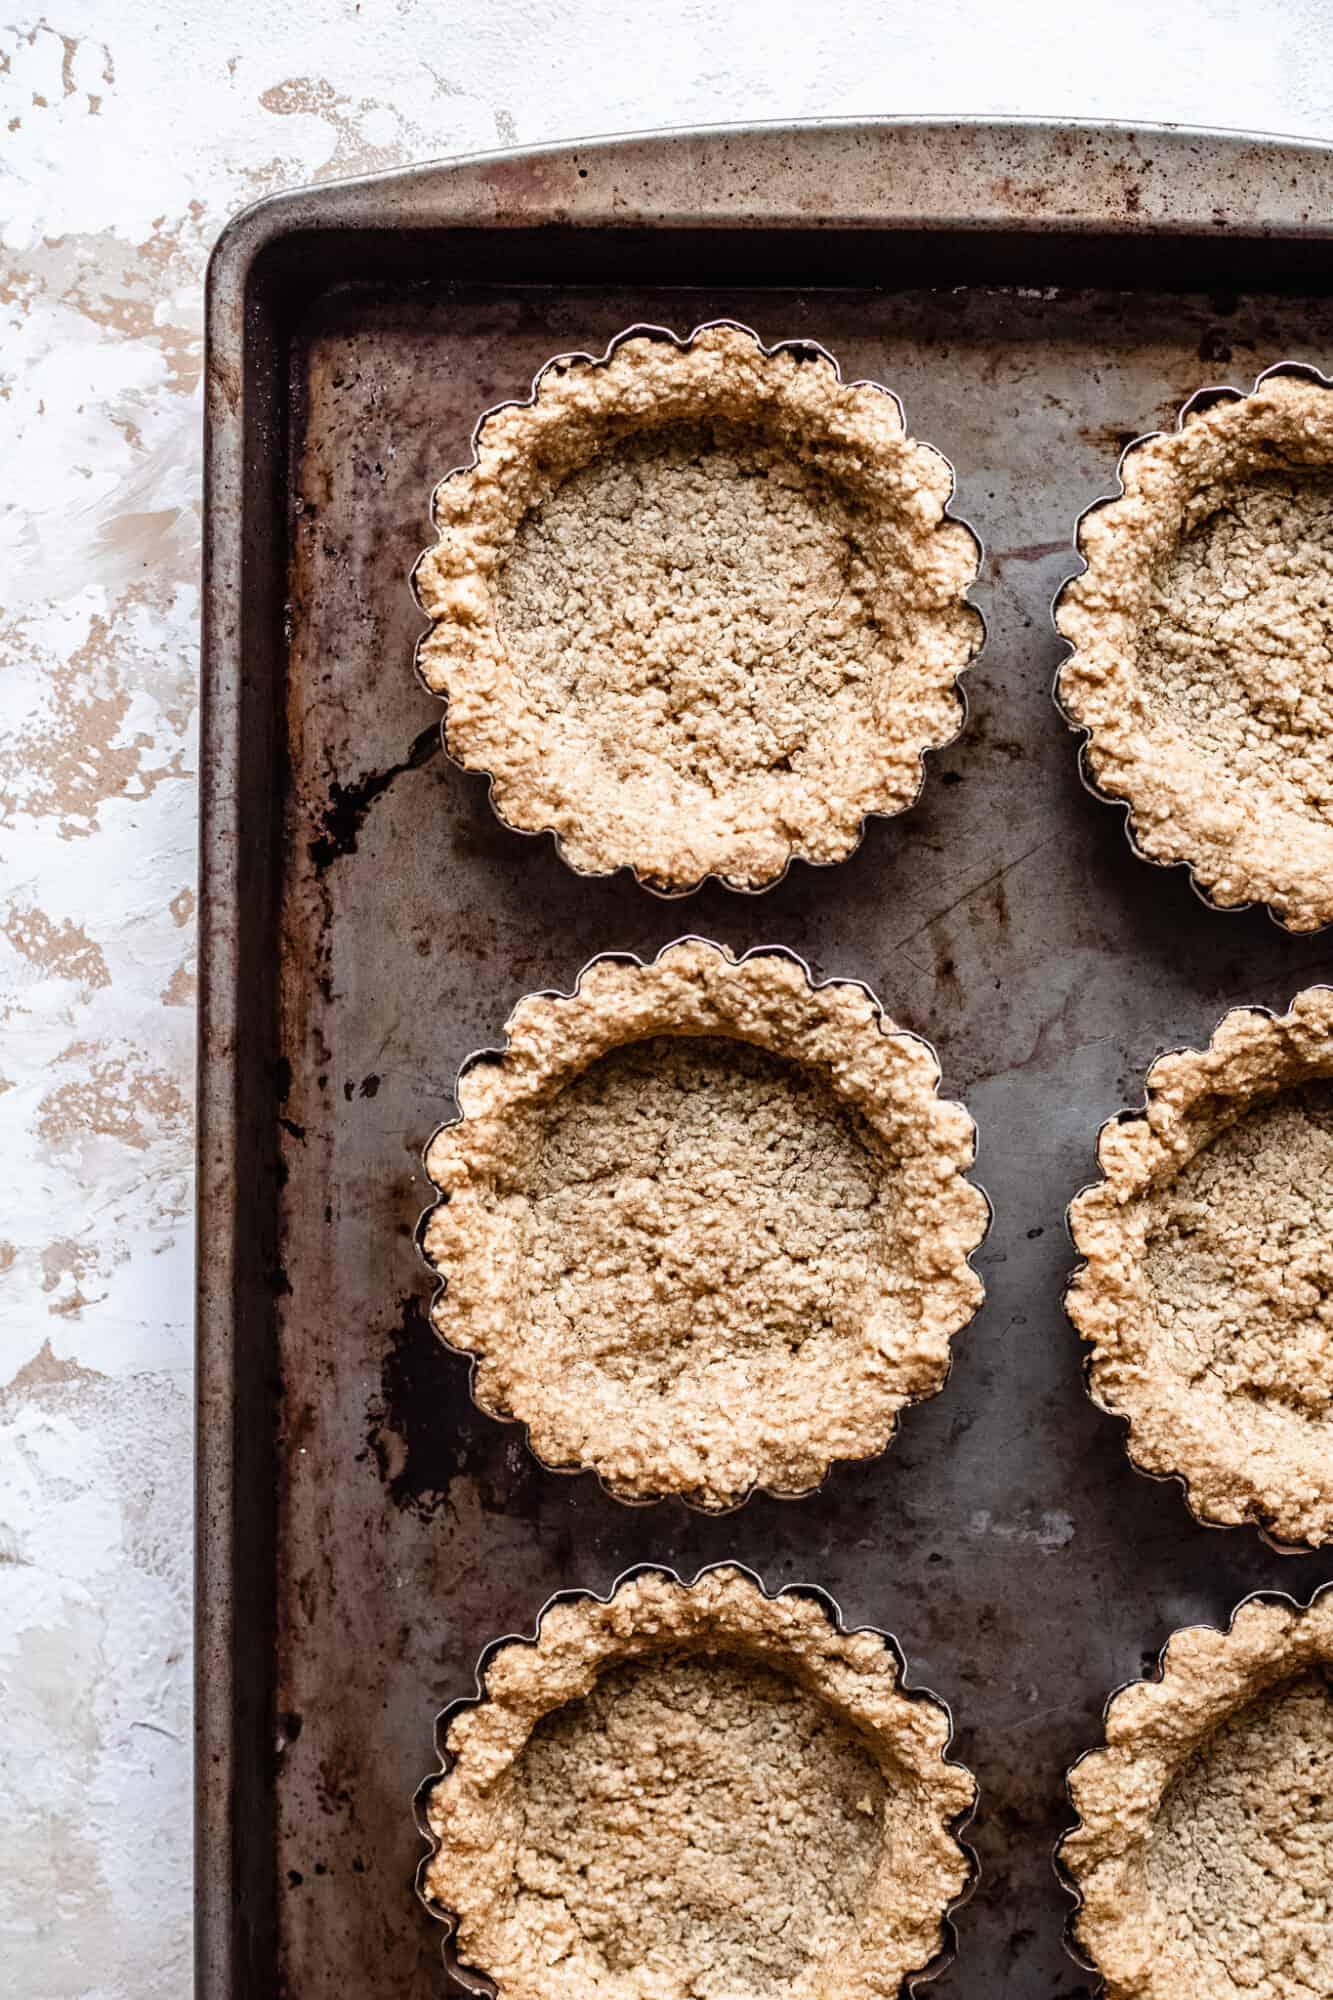 baked oat crust tartlets